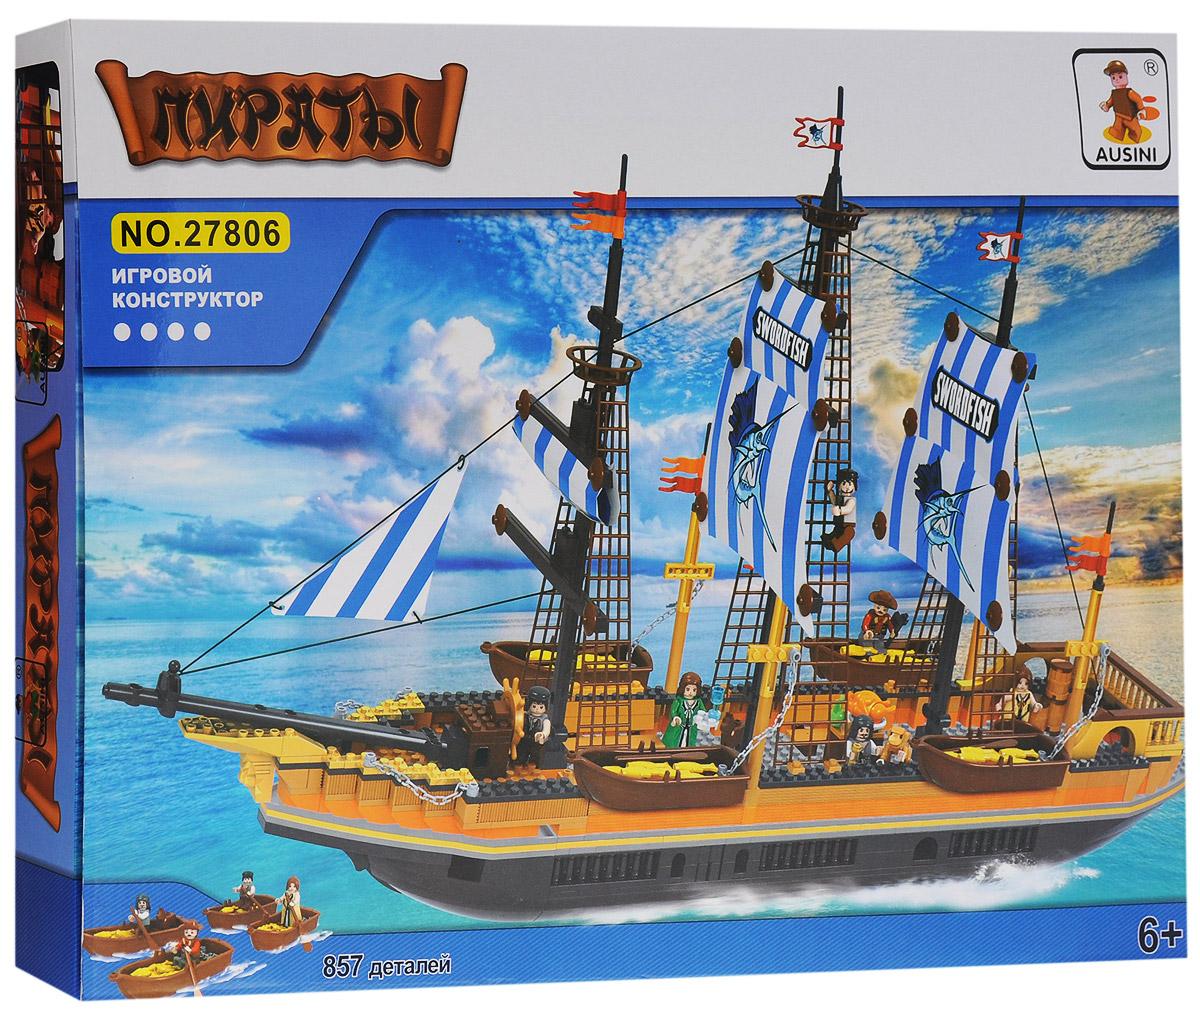 Ausini Конструктор Корабль27806Конструктор Ausini Корабль состоит из 857 элементов, с помощью которых ребенок сможет построить мирный парусник со спасательными шлюпками. На шлюпках команда может высадиться на необитаемый остров и найти клад, зарытый пиратами. В комплекте 6 фигурок команды, фигурка обезьянки. Детали между собой прекрасно скрепляются, а также совместимы с конструкторами других марок. Малыш часами будет играть с этим конструктором, придумывая разные истории и комбинируя детали. Конструктор Ausini Корабль - это замечательная развивающая игрушка, которая послужит не только в качестве развлечения вашего ребенка, но и поможет ему в совершенствовании таких жизненно важных навыков, как мелкая моторика, тактильное и визуальное восприятие, мышление, воображение, внимательность и усидчивость, а также познакомит его с основами моделирования и конструирования. Совместим с конструкторами Лего.